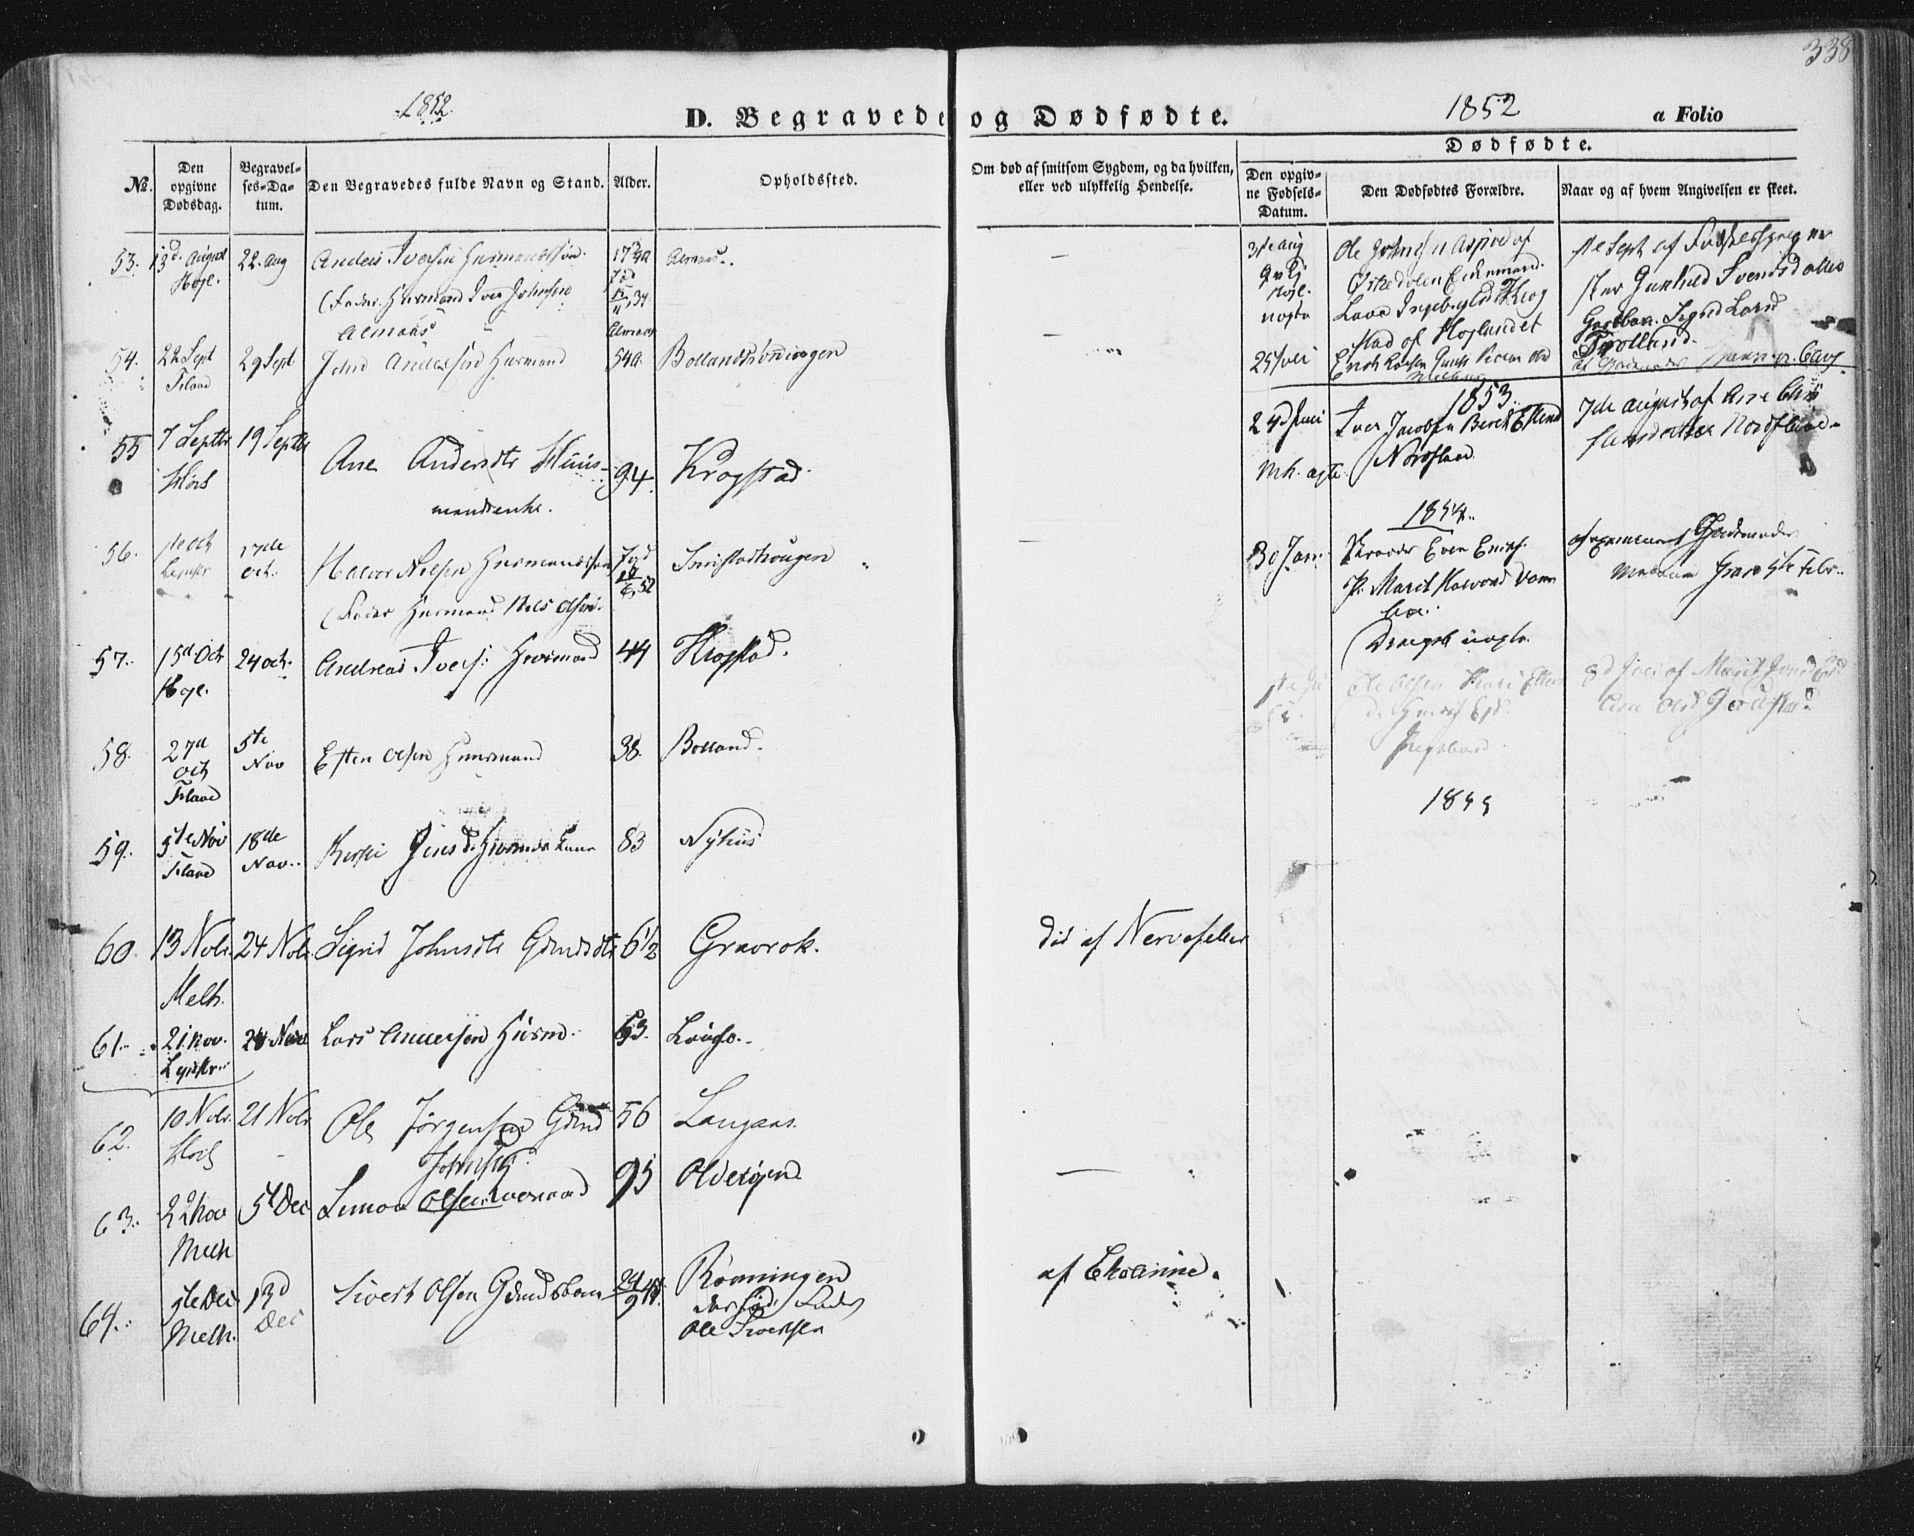 SAT, Ministerialprotokoller, klokkerbøker og fødselsregistre - Sør-Trøndelag, 691/L1076: Ministerialbok nr. 691A08, 1852-1861, s. 338